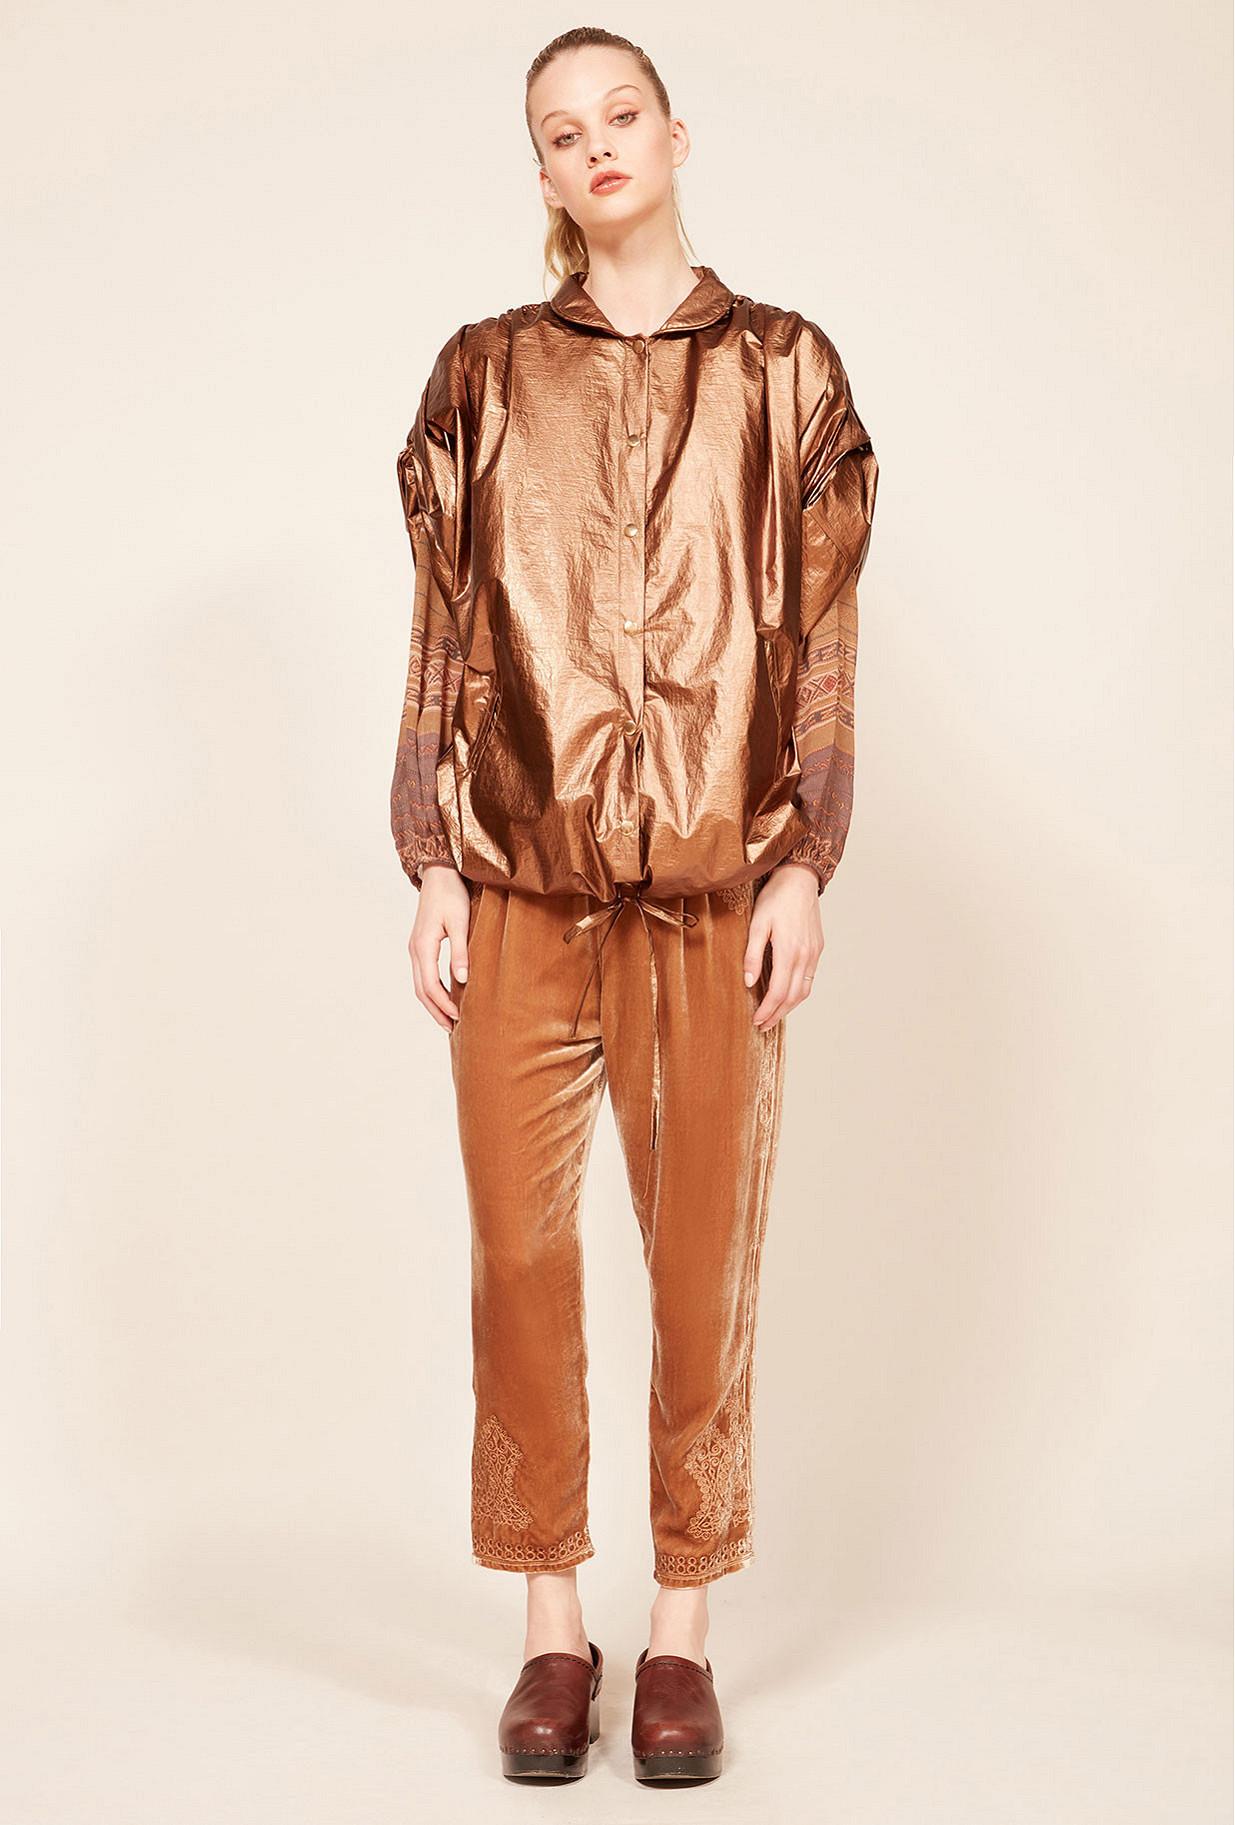 Paris clothes store Jacket  Orbite french designer fashion Paris